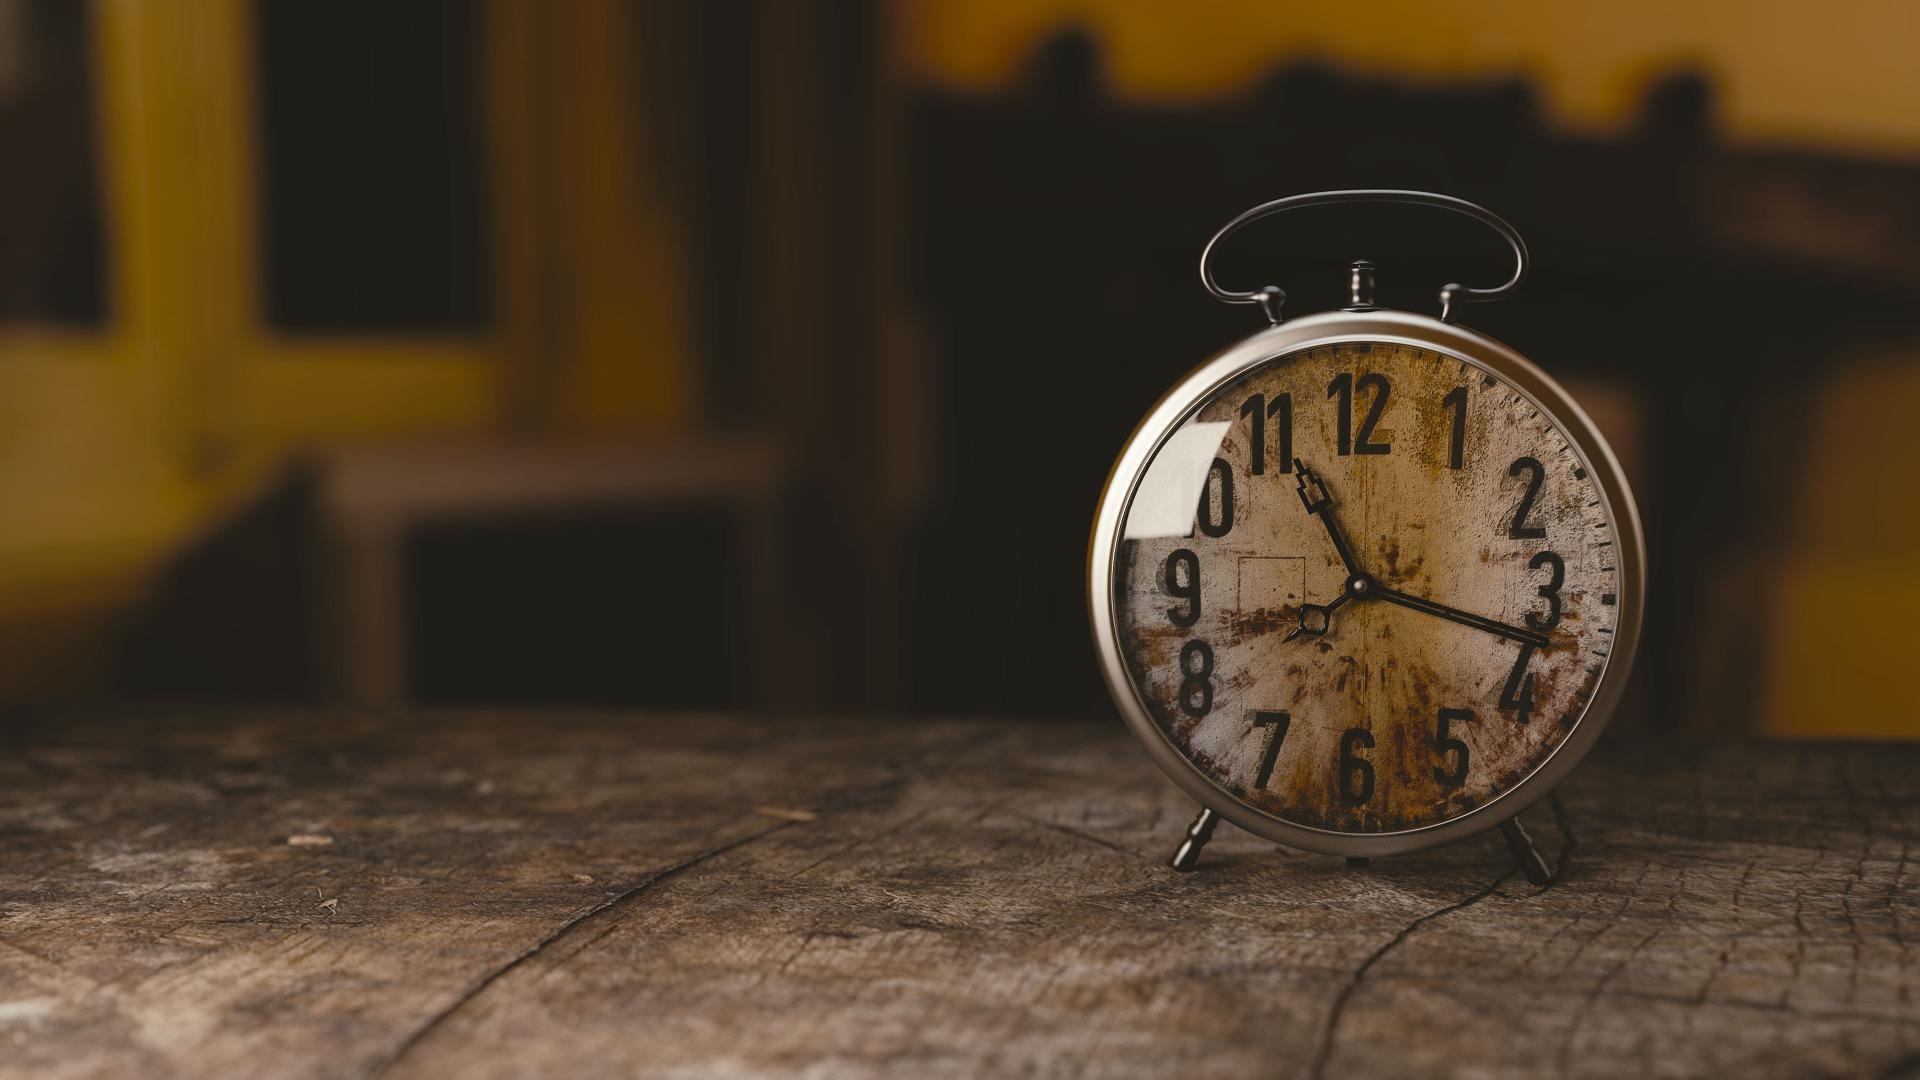 Relógio, relógio despertador, tempo, alarme, horas, velho, vintage - Papéis de parede HD - Professor-falken.com